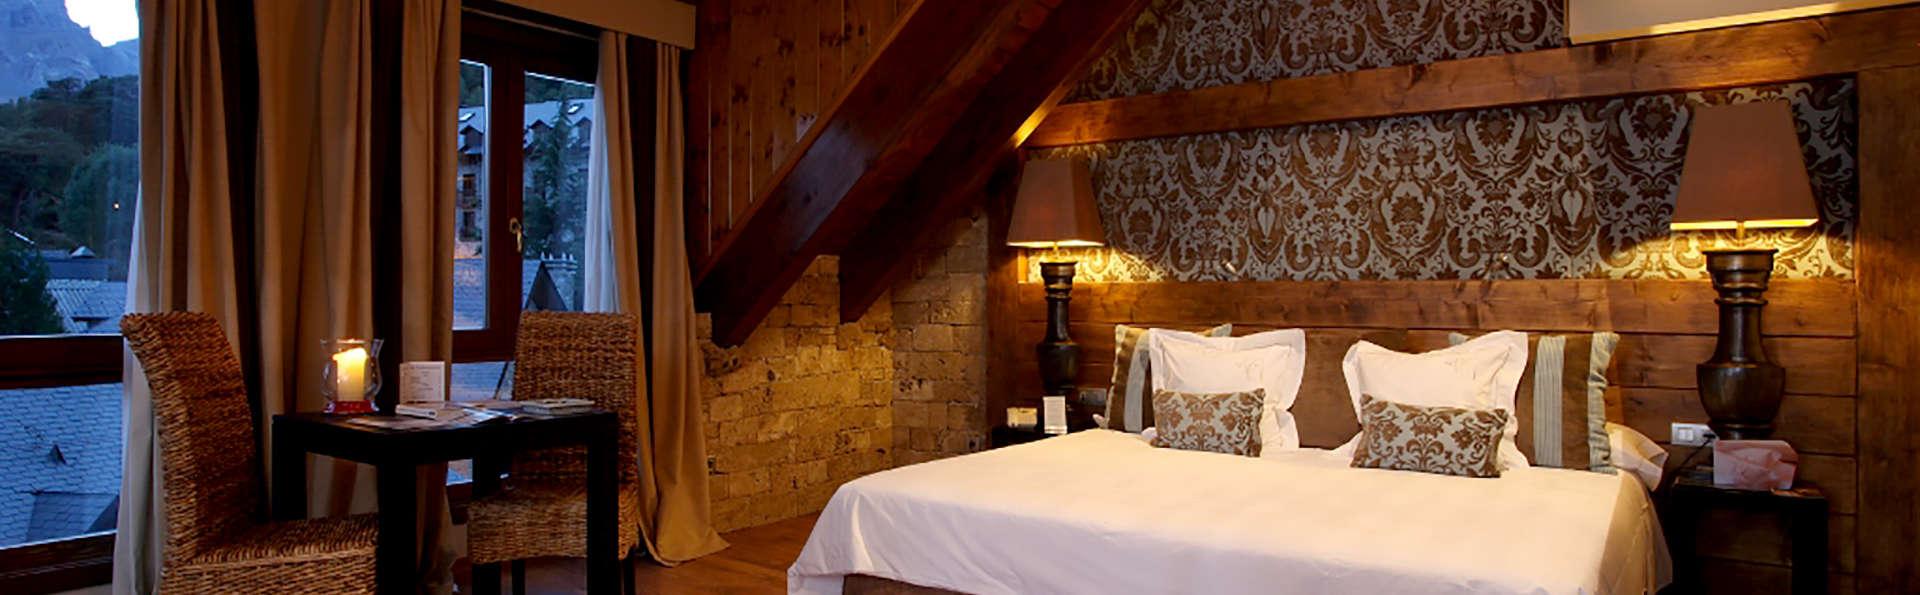 Relax en el Pirineo Aragonés con spa de 350m, rutas de senderismo y mucho más (desde 2 noches)